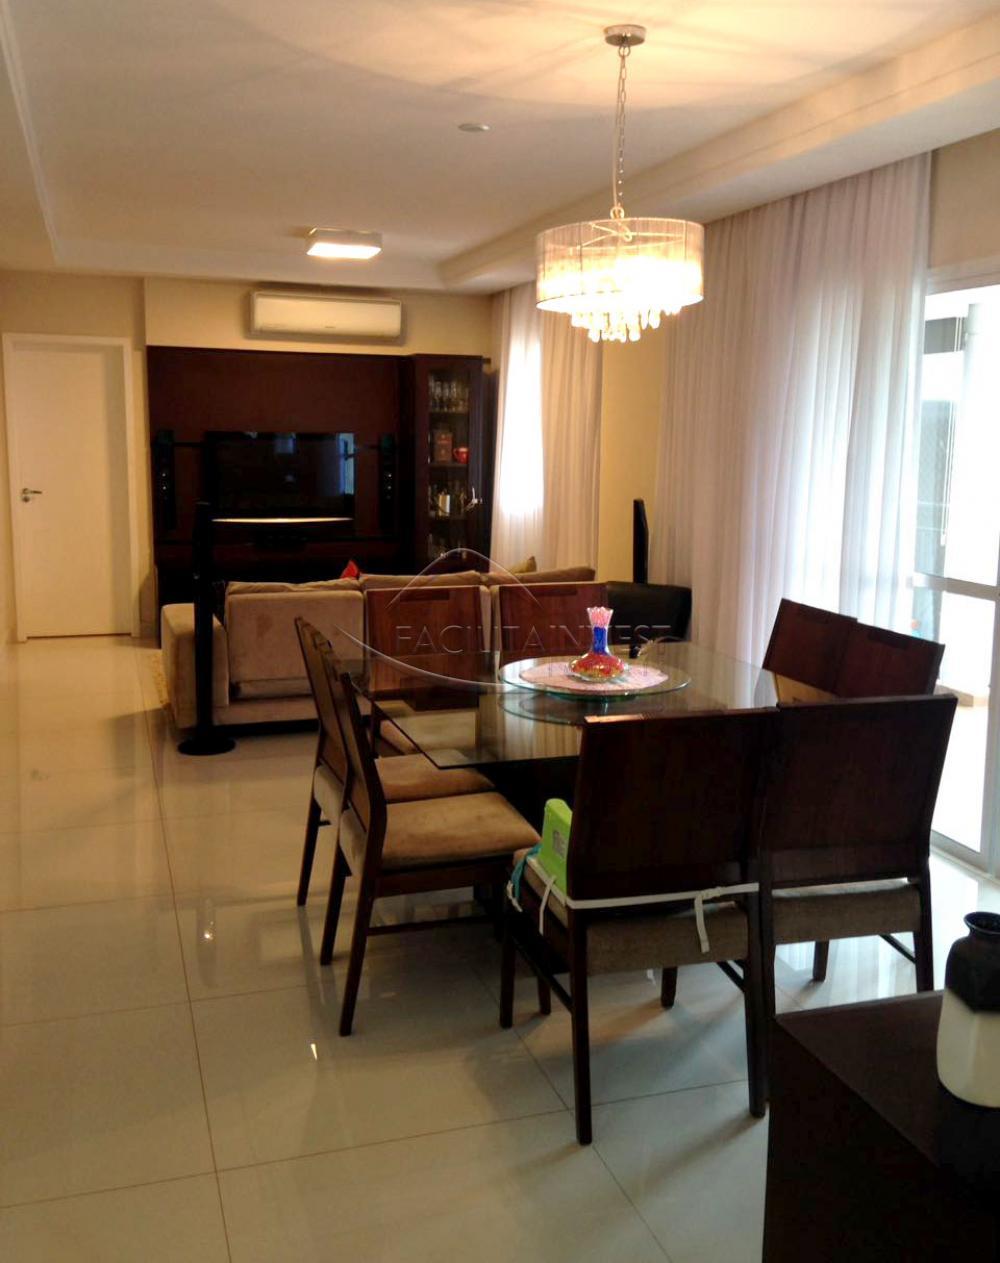 Ribeirao Preto Apartamento Venda R$730.000,00 Condominio R$530,00 3 Dormitorios 3 Suites Area construida 125.00m2